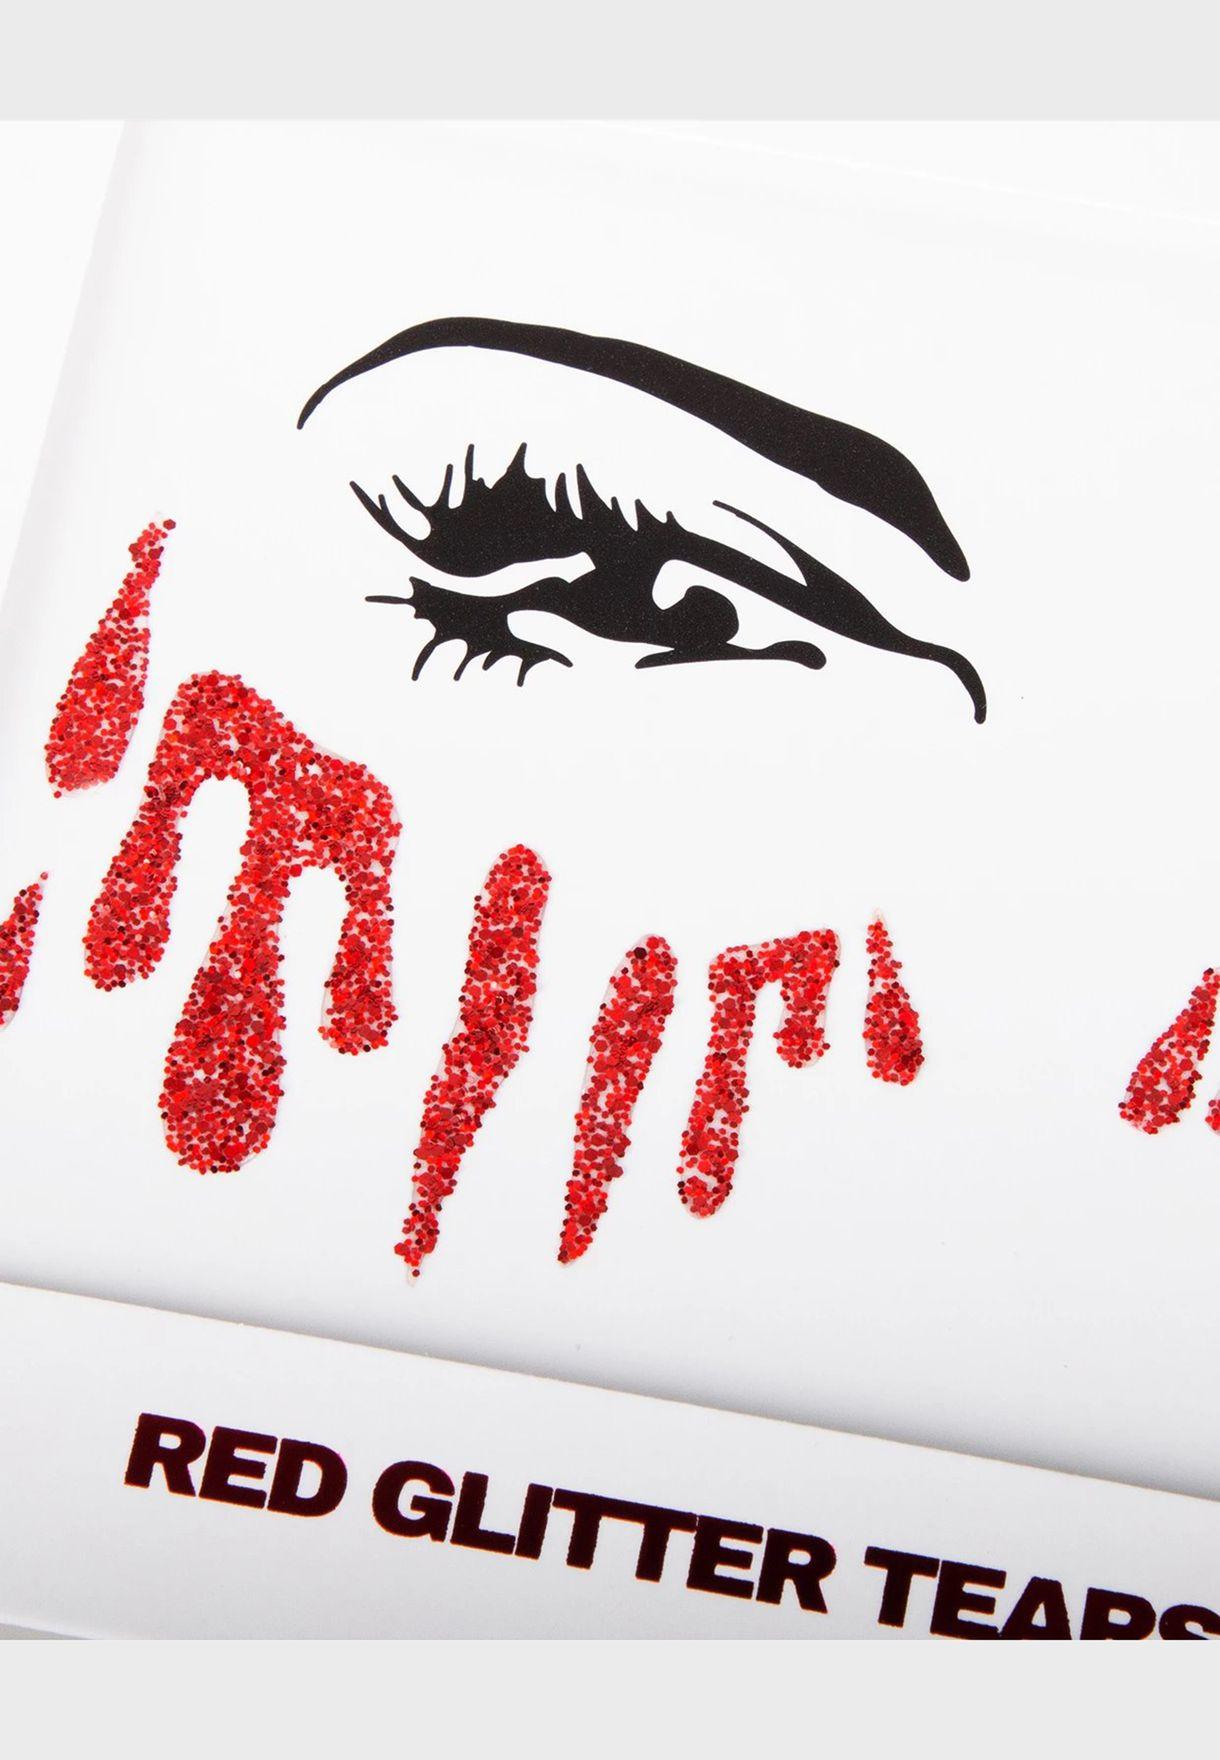 Red Blood Tears Sticker